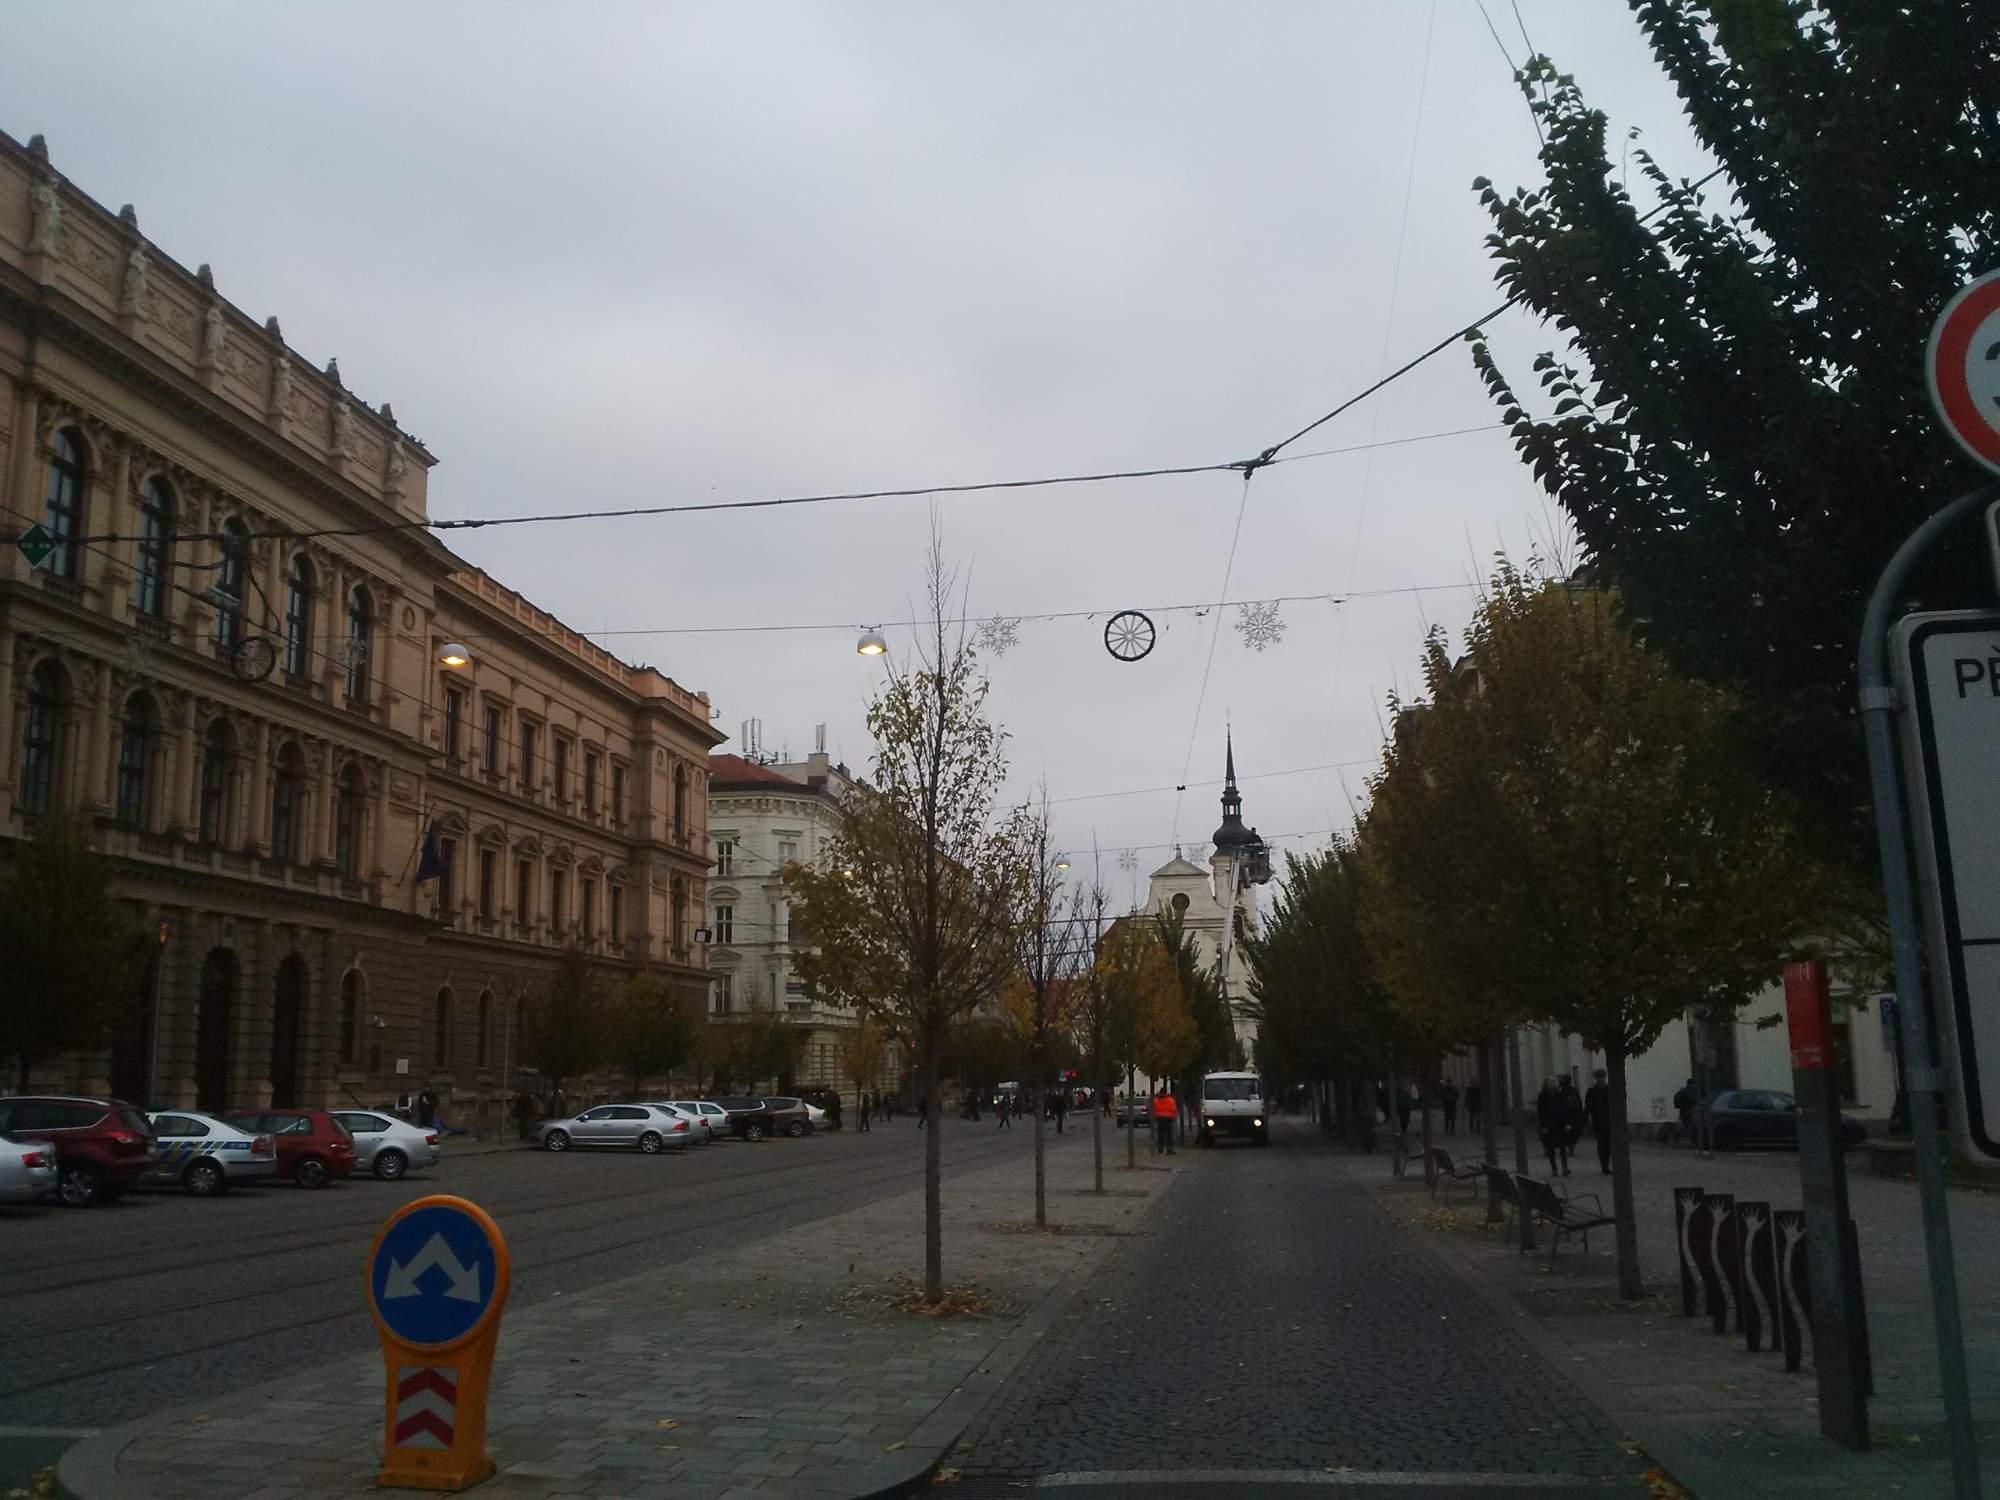 Vánoční výzdoba na Joštově 2016, autor fotky: Lucie Chaloupková